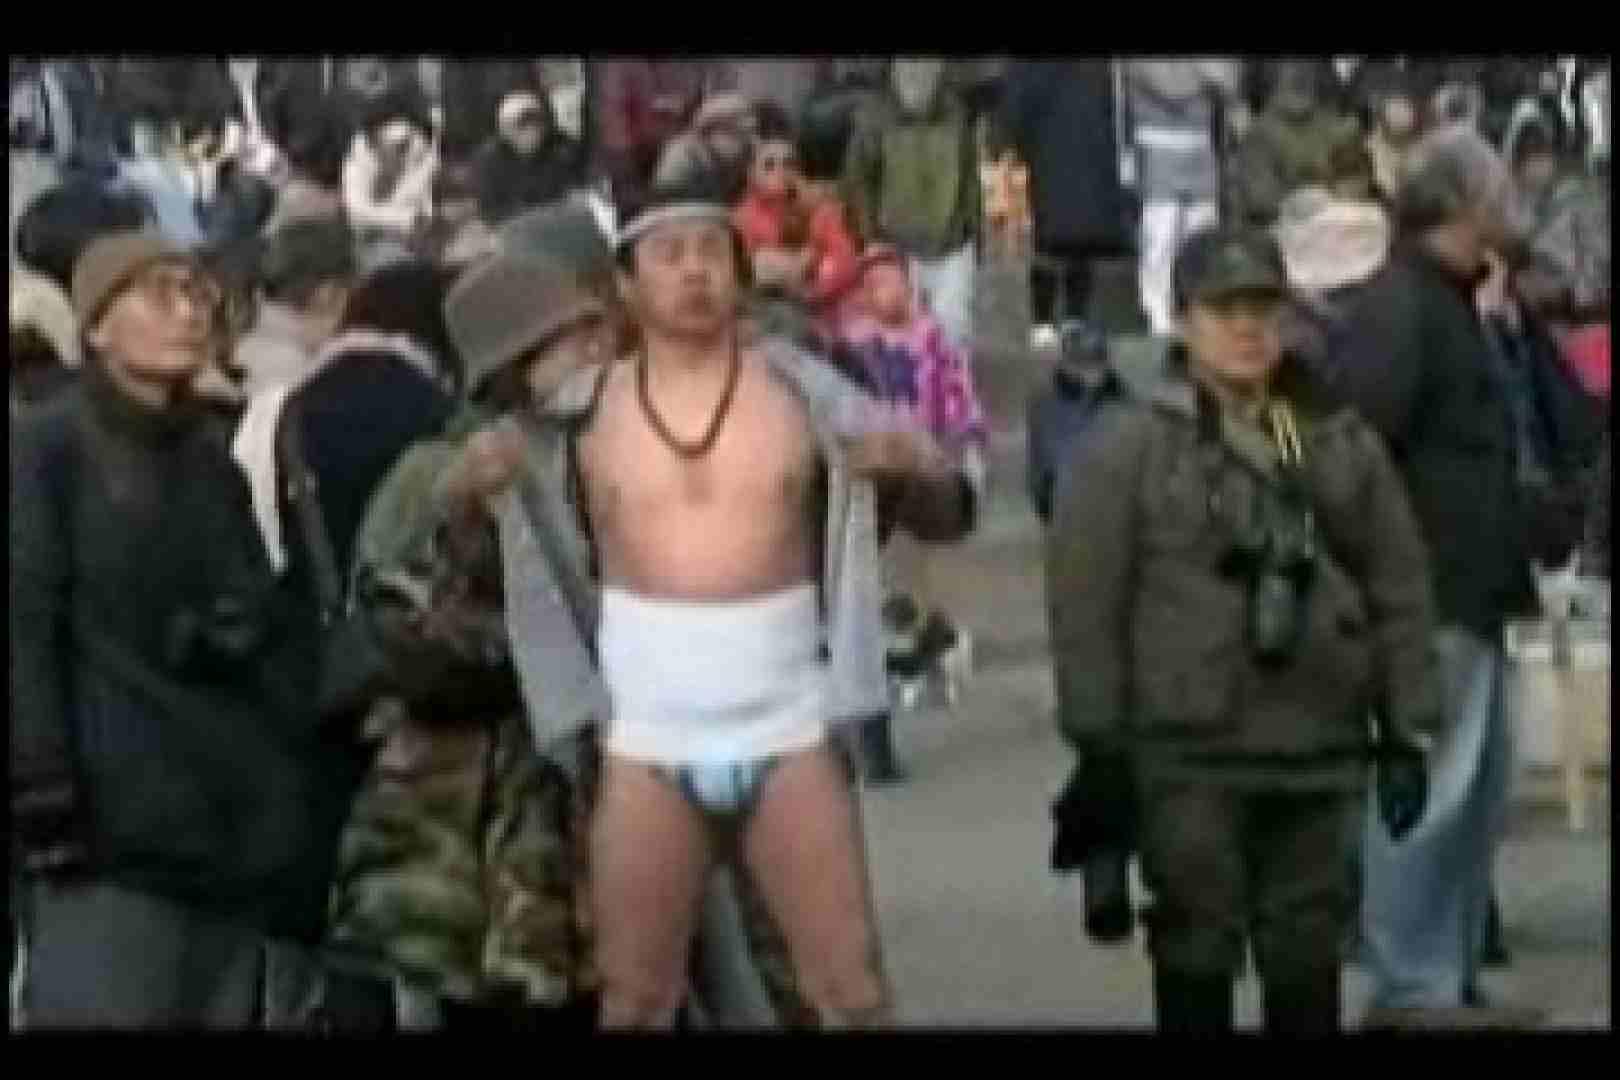 陰間茶屋 男児祭り VOL.1 野外露出 ゲイ素人エロ画像 66枚 50